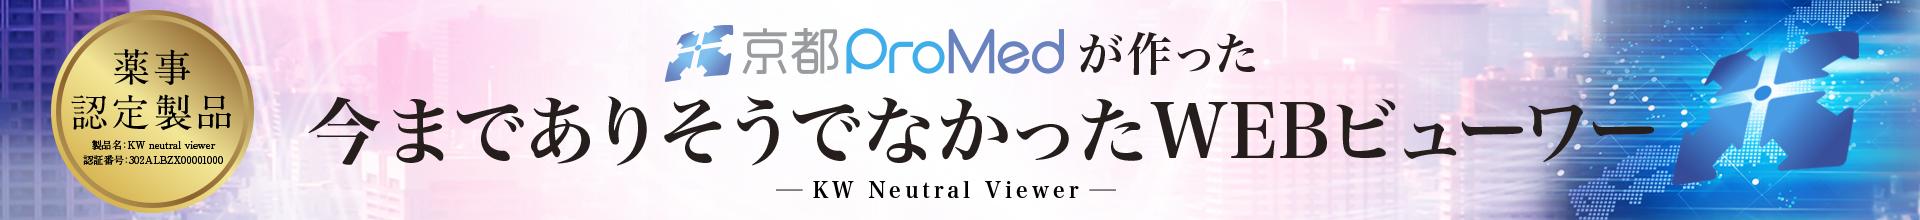 京都プロメドが作った今までありそうでなかったWEBビューワー